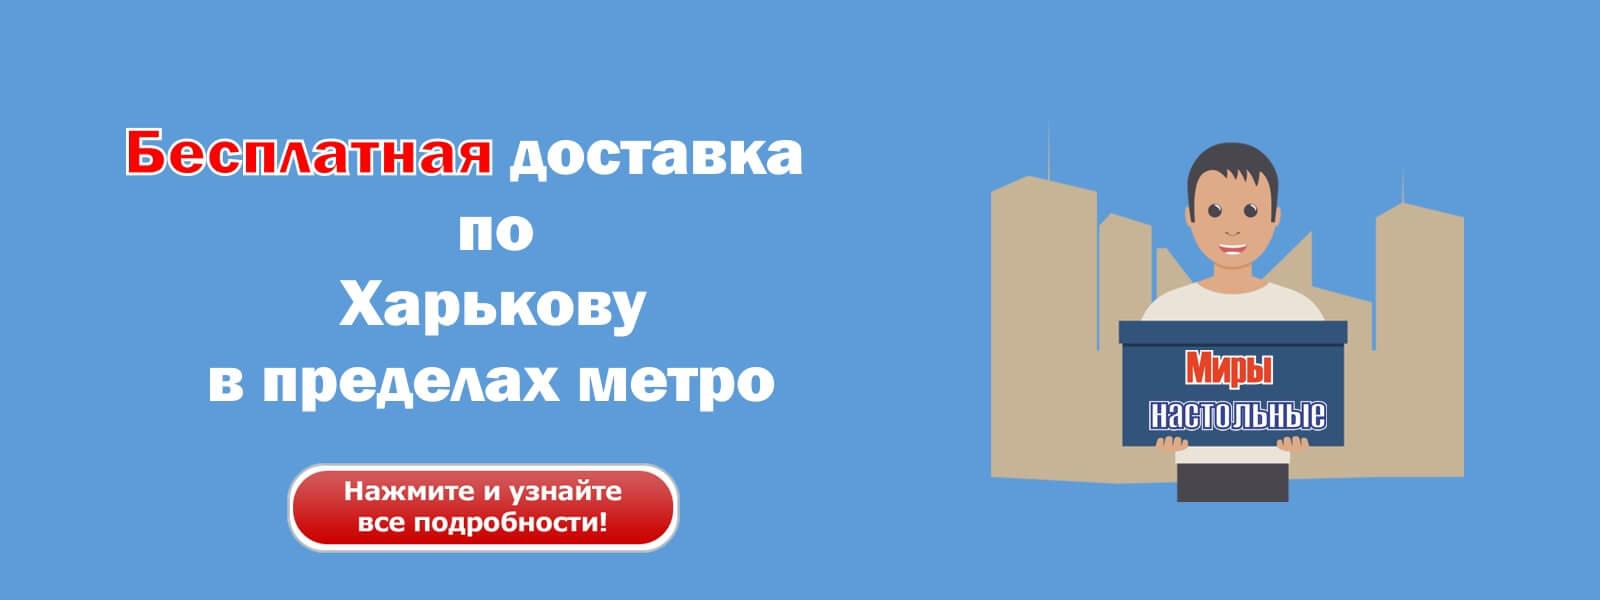 Бесплатная доставка по Харькову основной